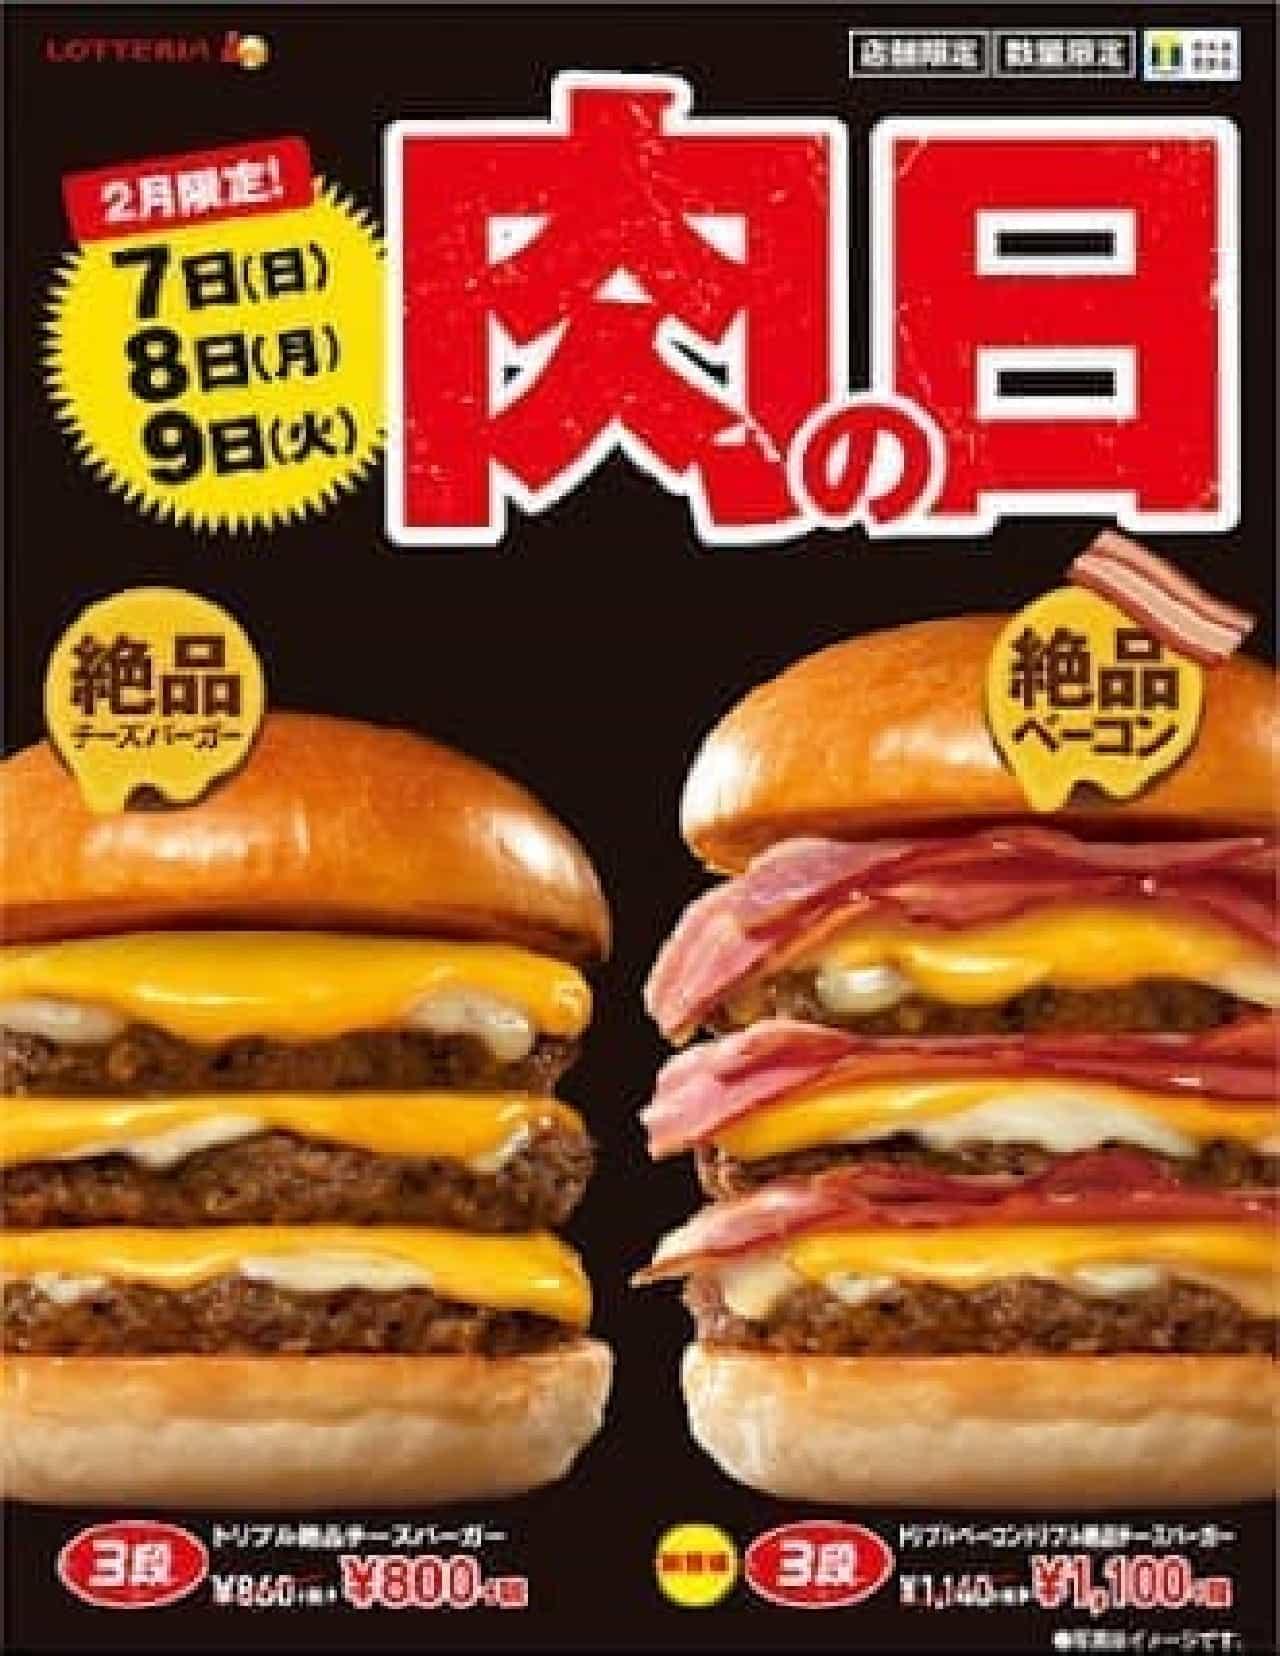 ロッテリア「29肉(ニク)の日」